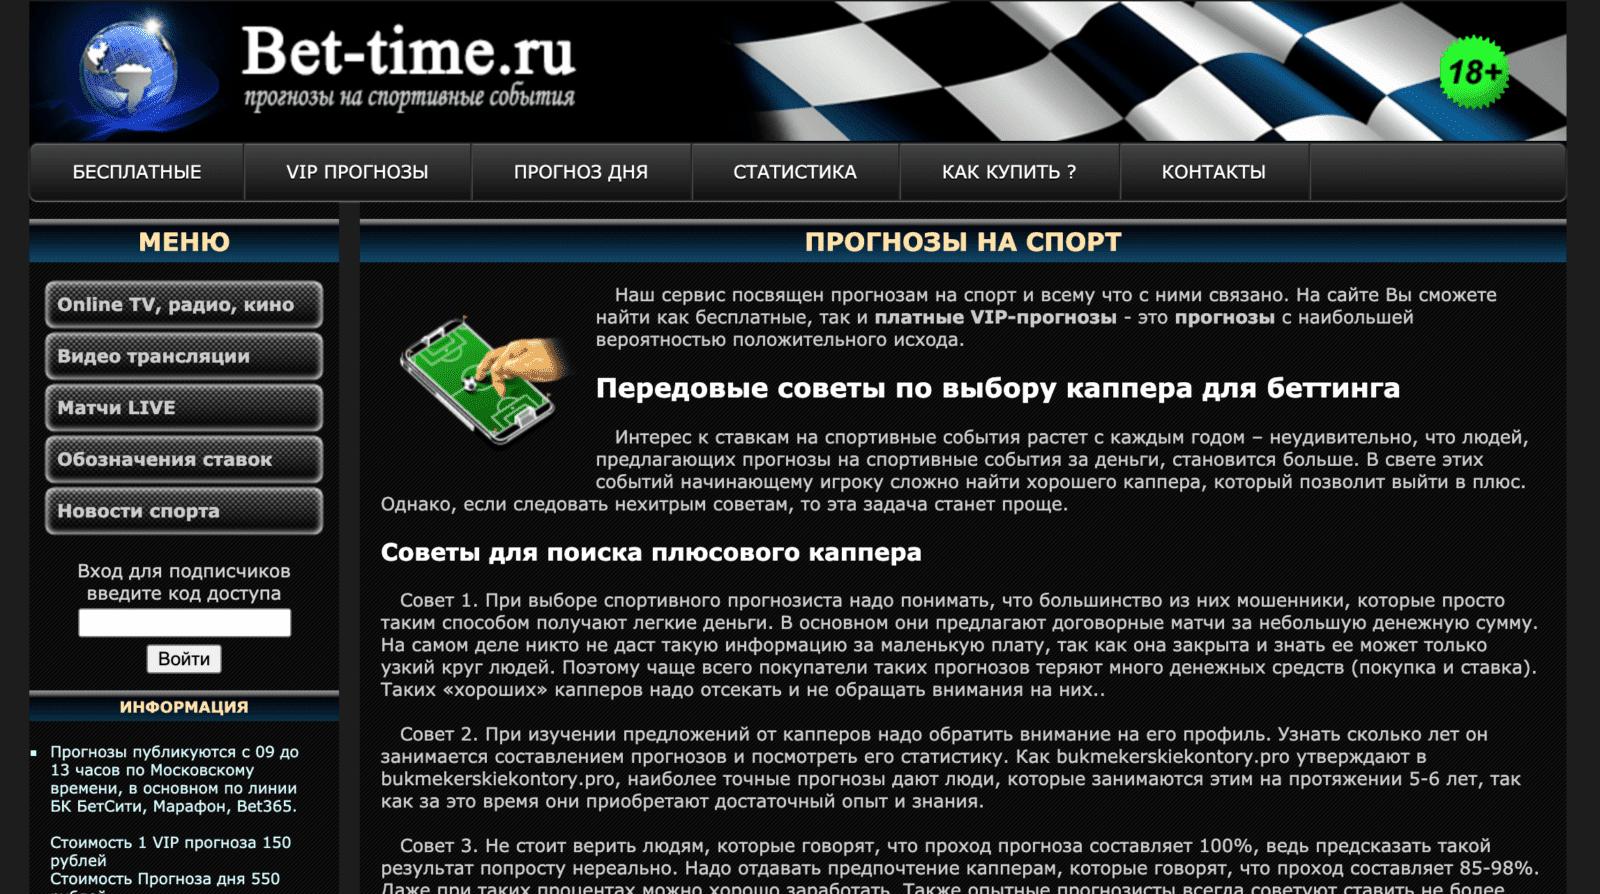 Главная страница сайта Bet Time.ru (Бет Тайм)